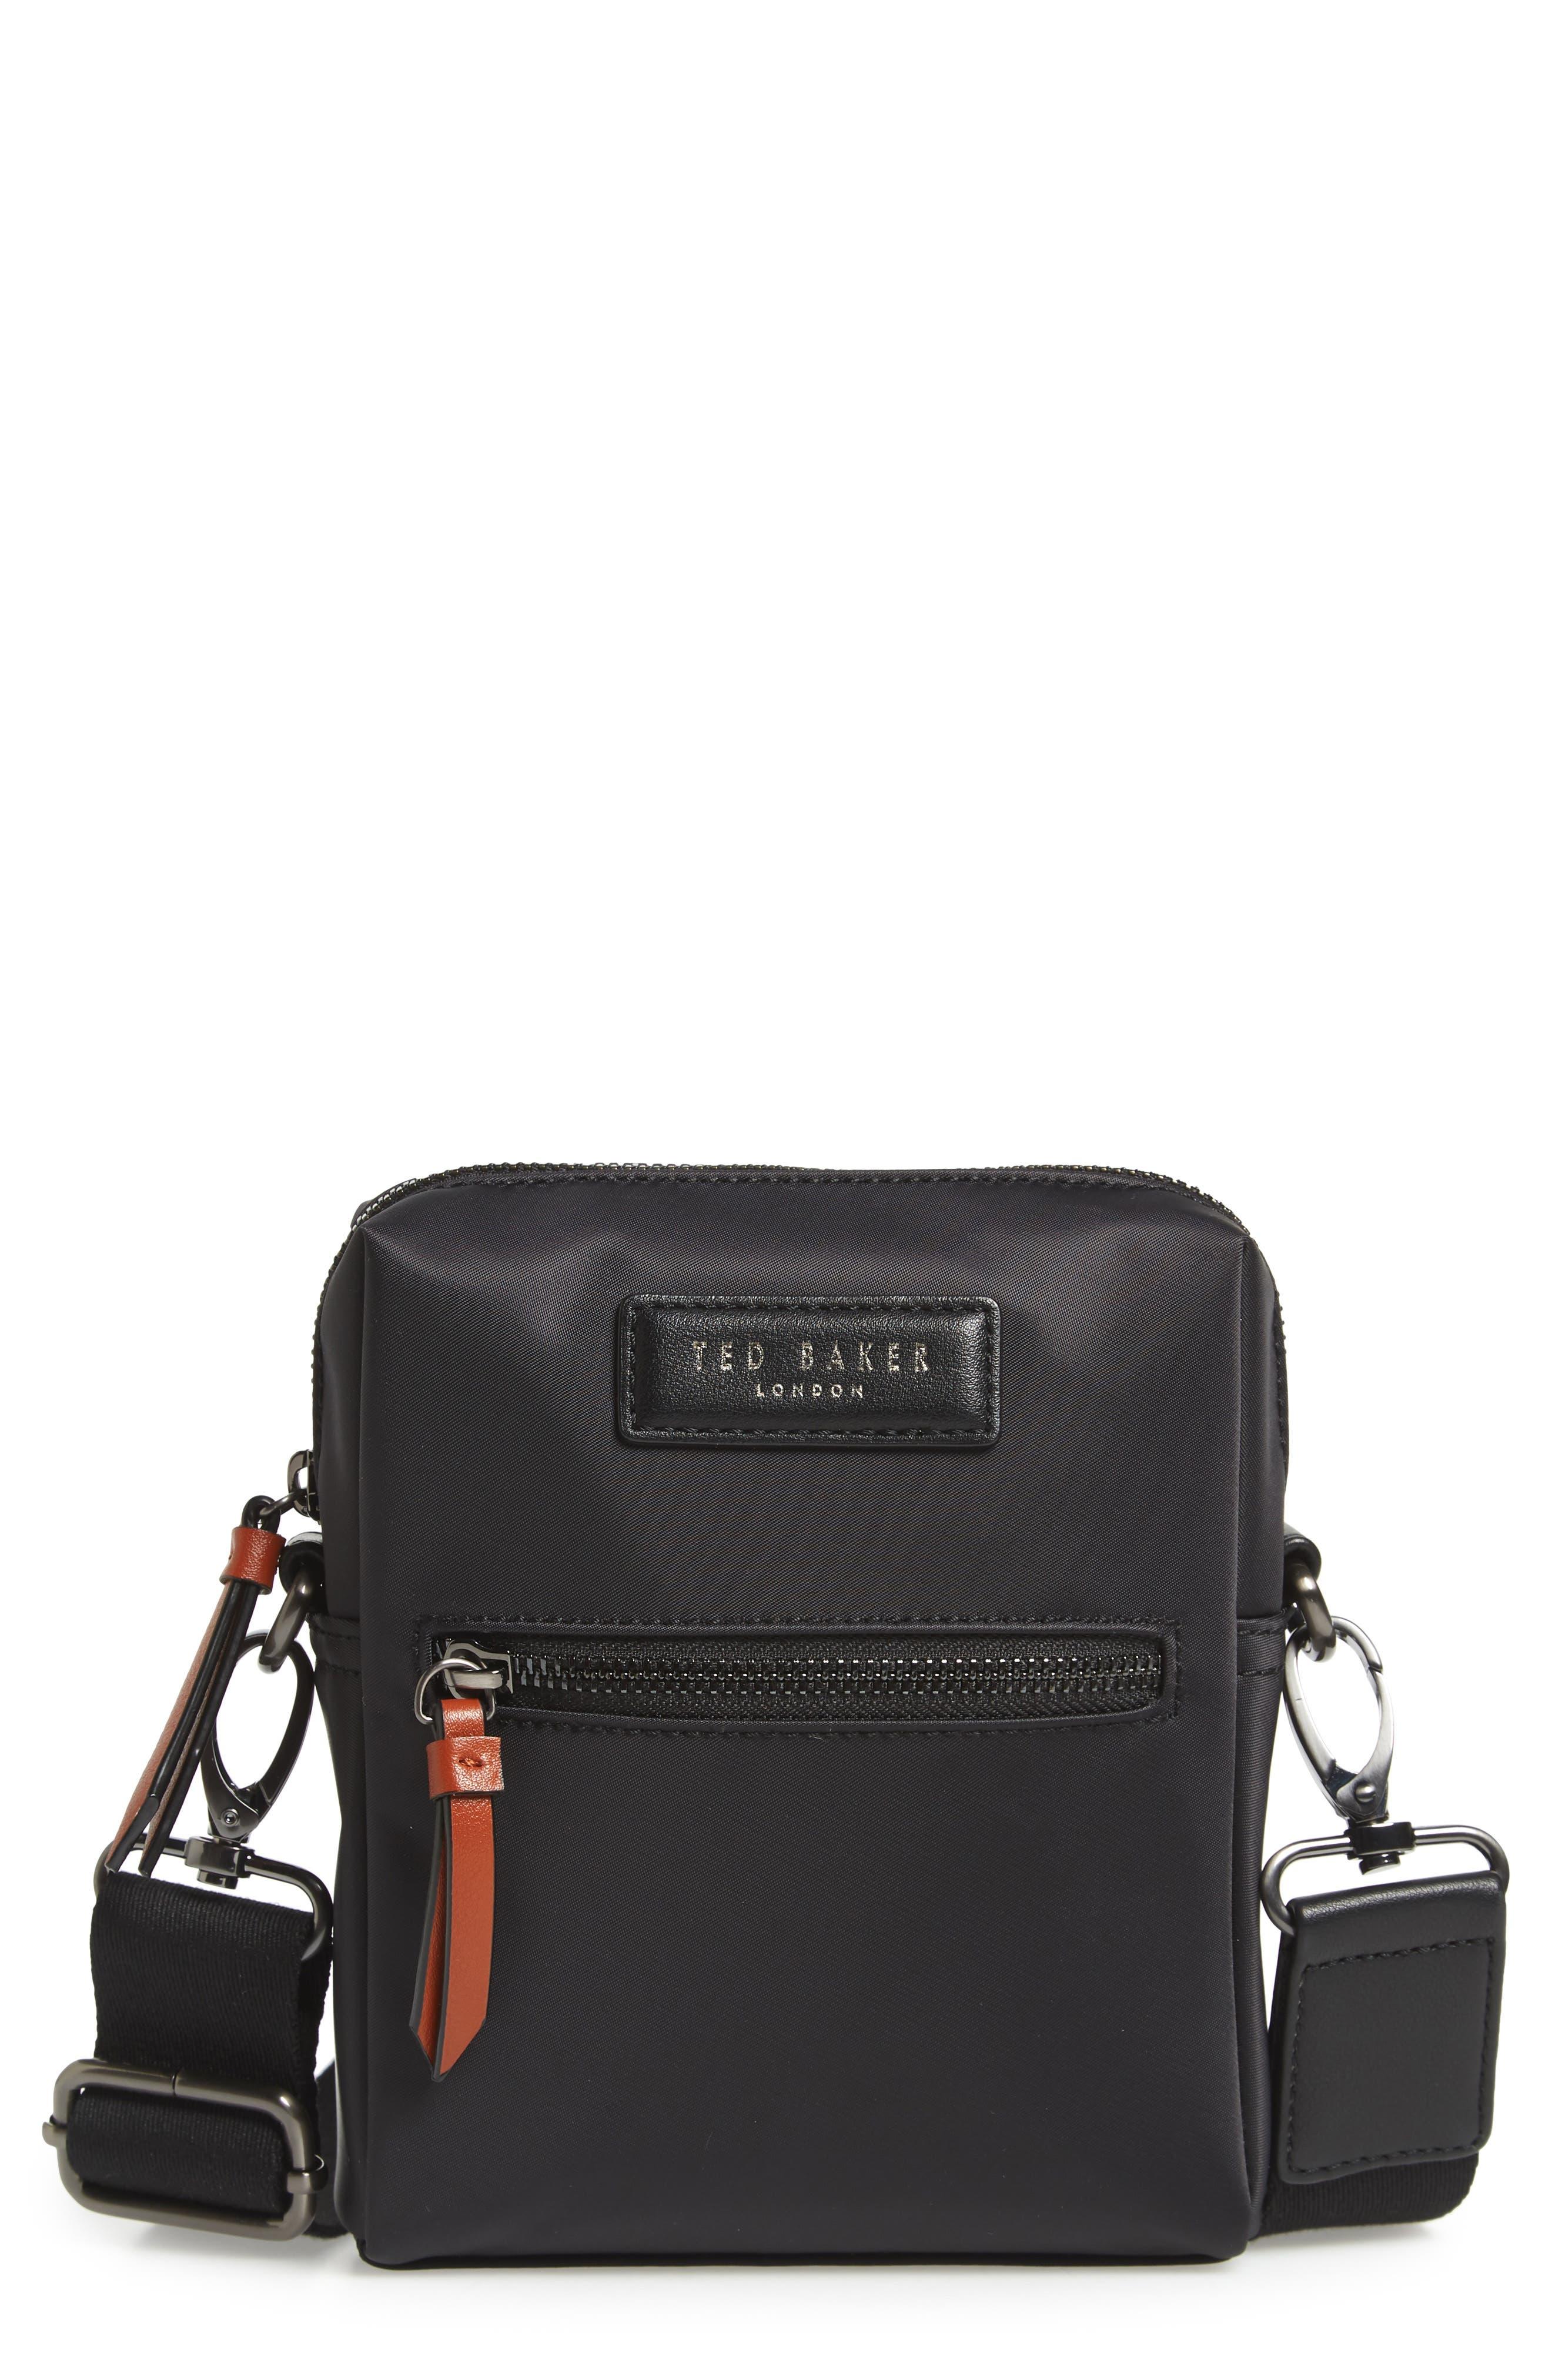 TED BAKER LONDON, Mini Flight Bag, Main thumbnail 1, color, BLACK